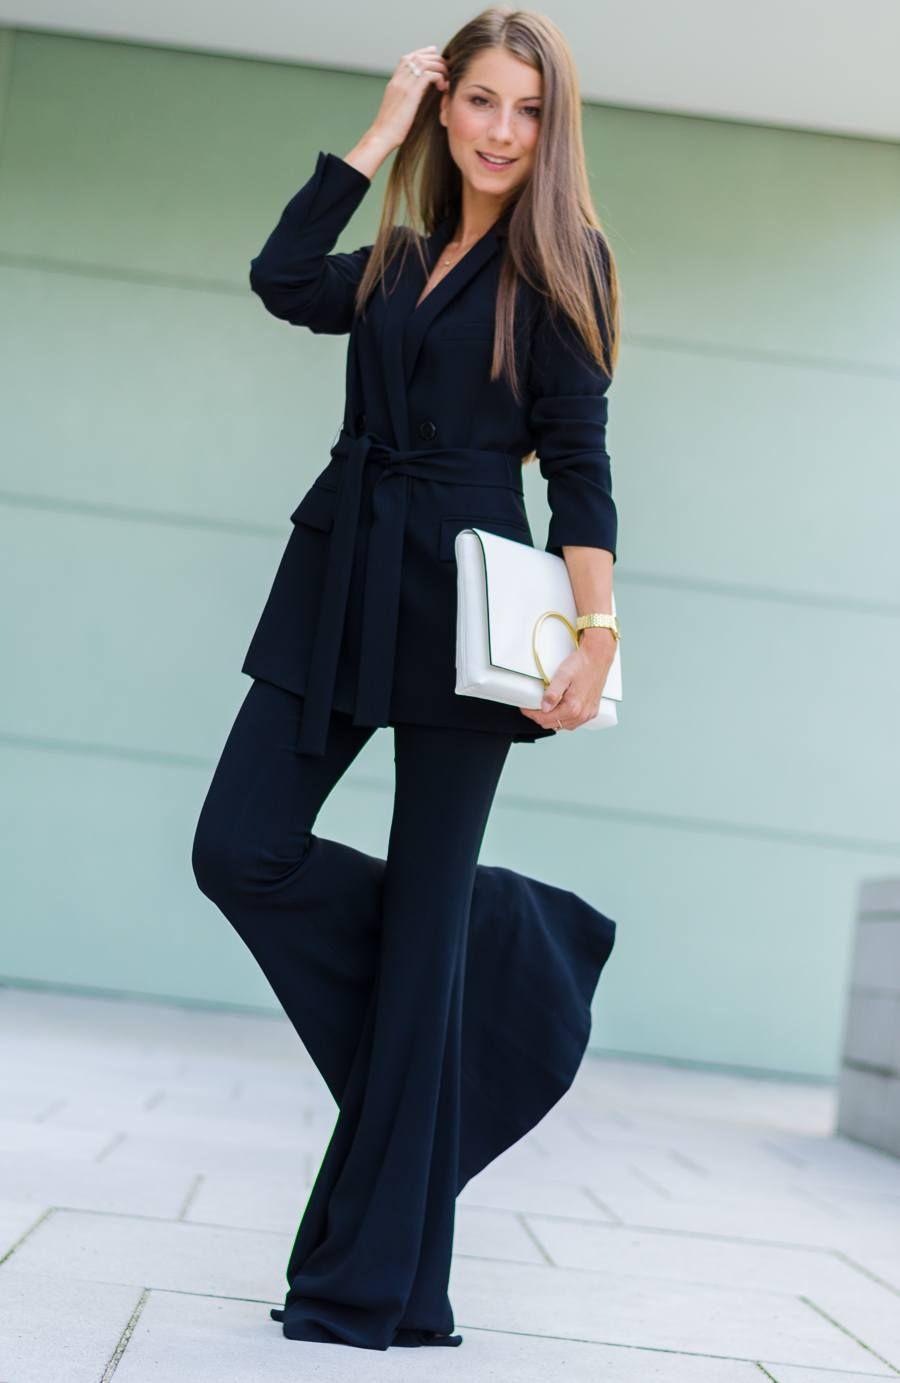 Langes abendkleid mit blazer